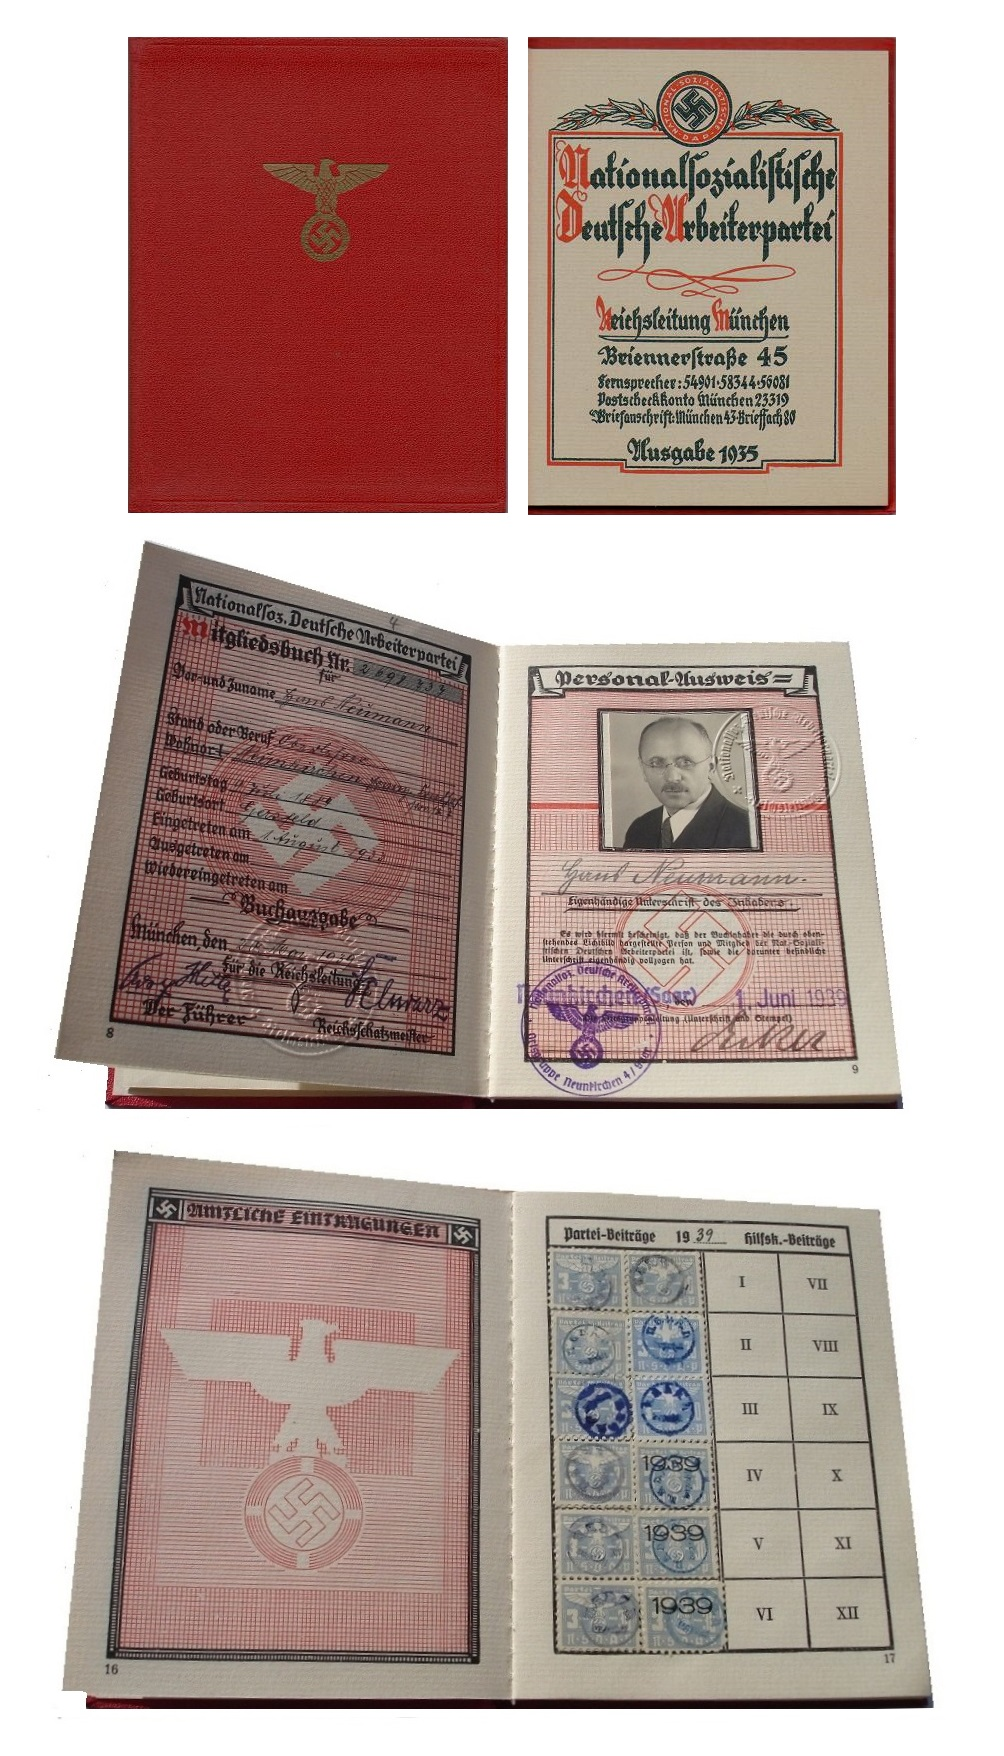 Parteibuch der NSDAP von 1939